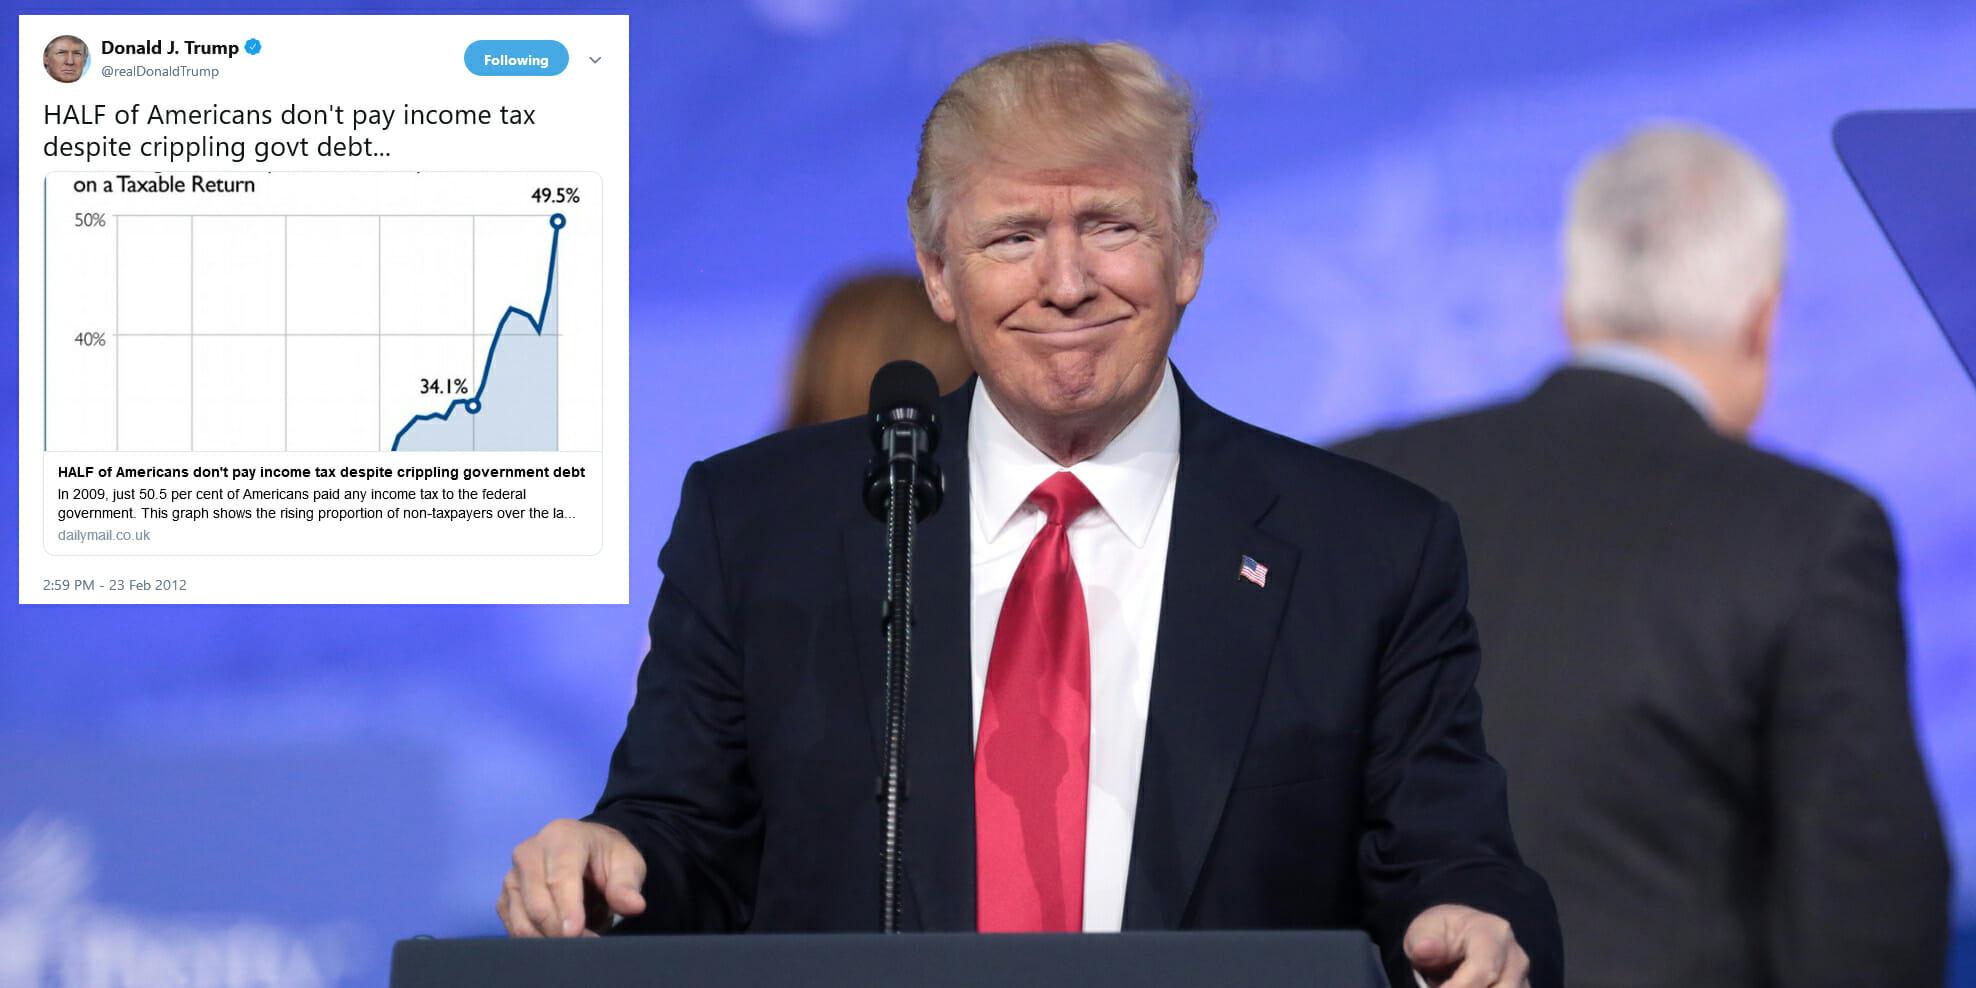 Donald Trump Income Tax Tweet